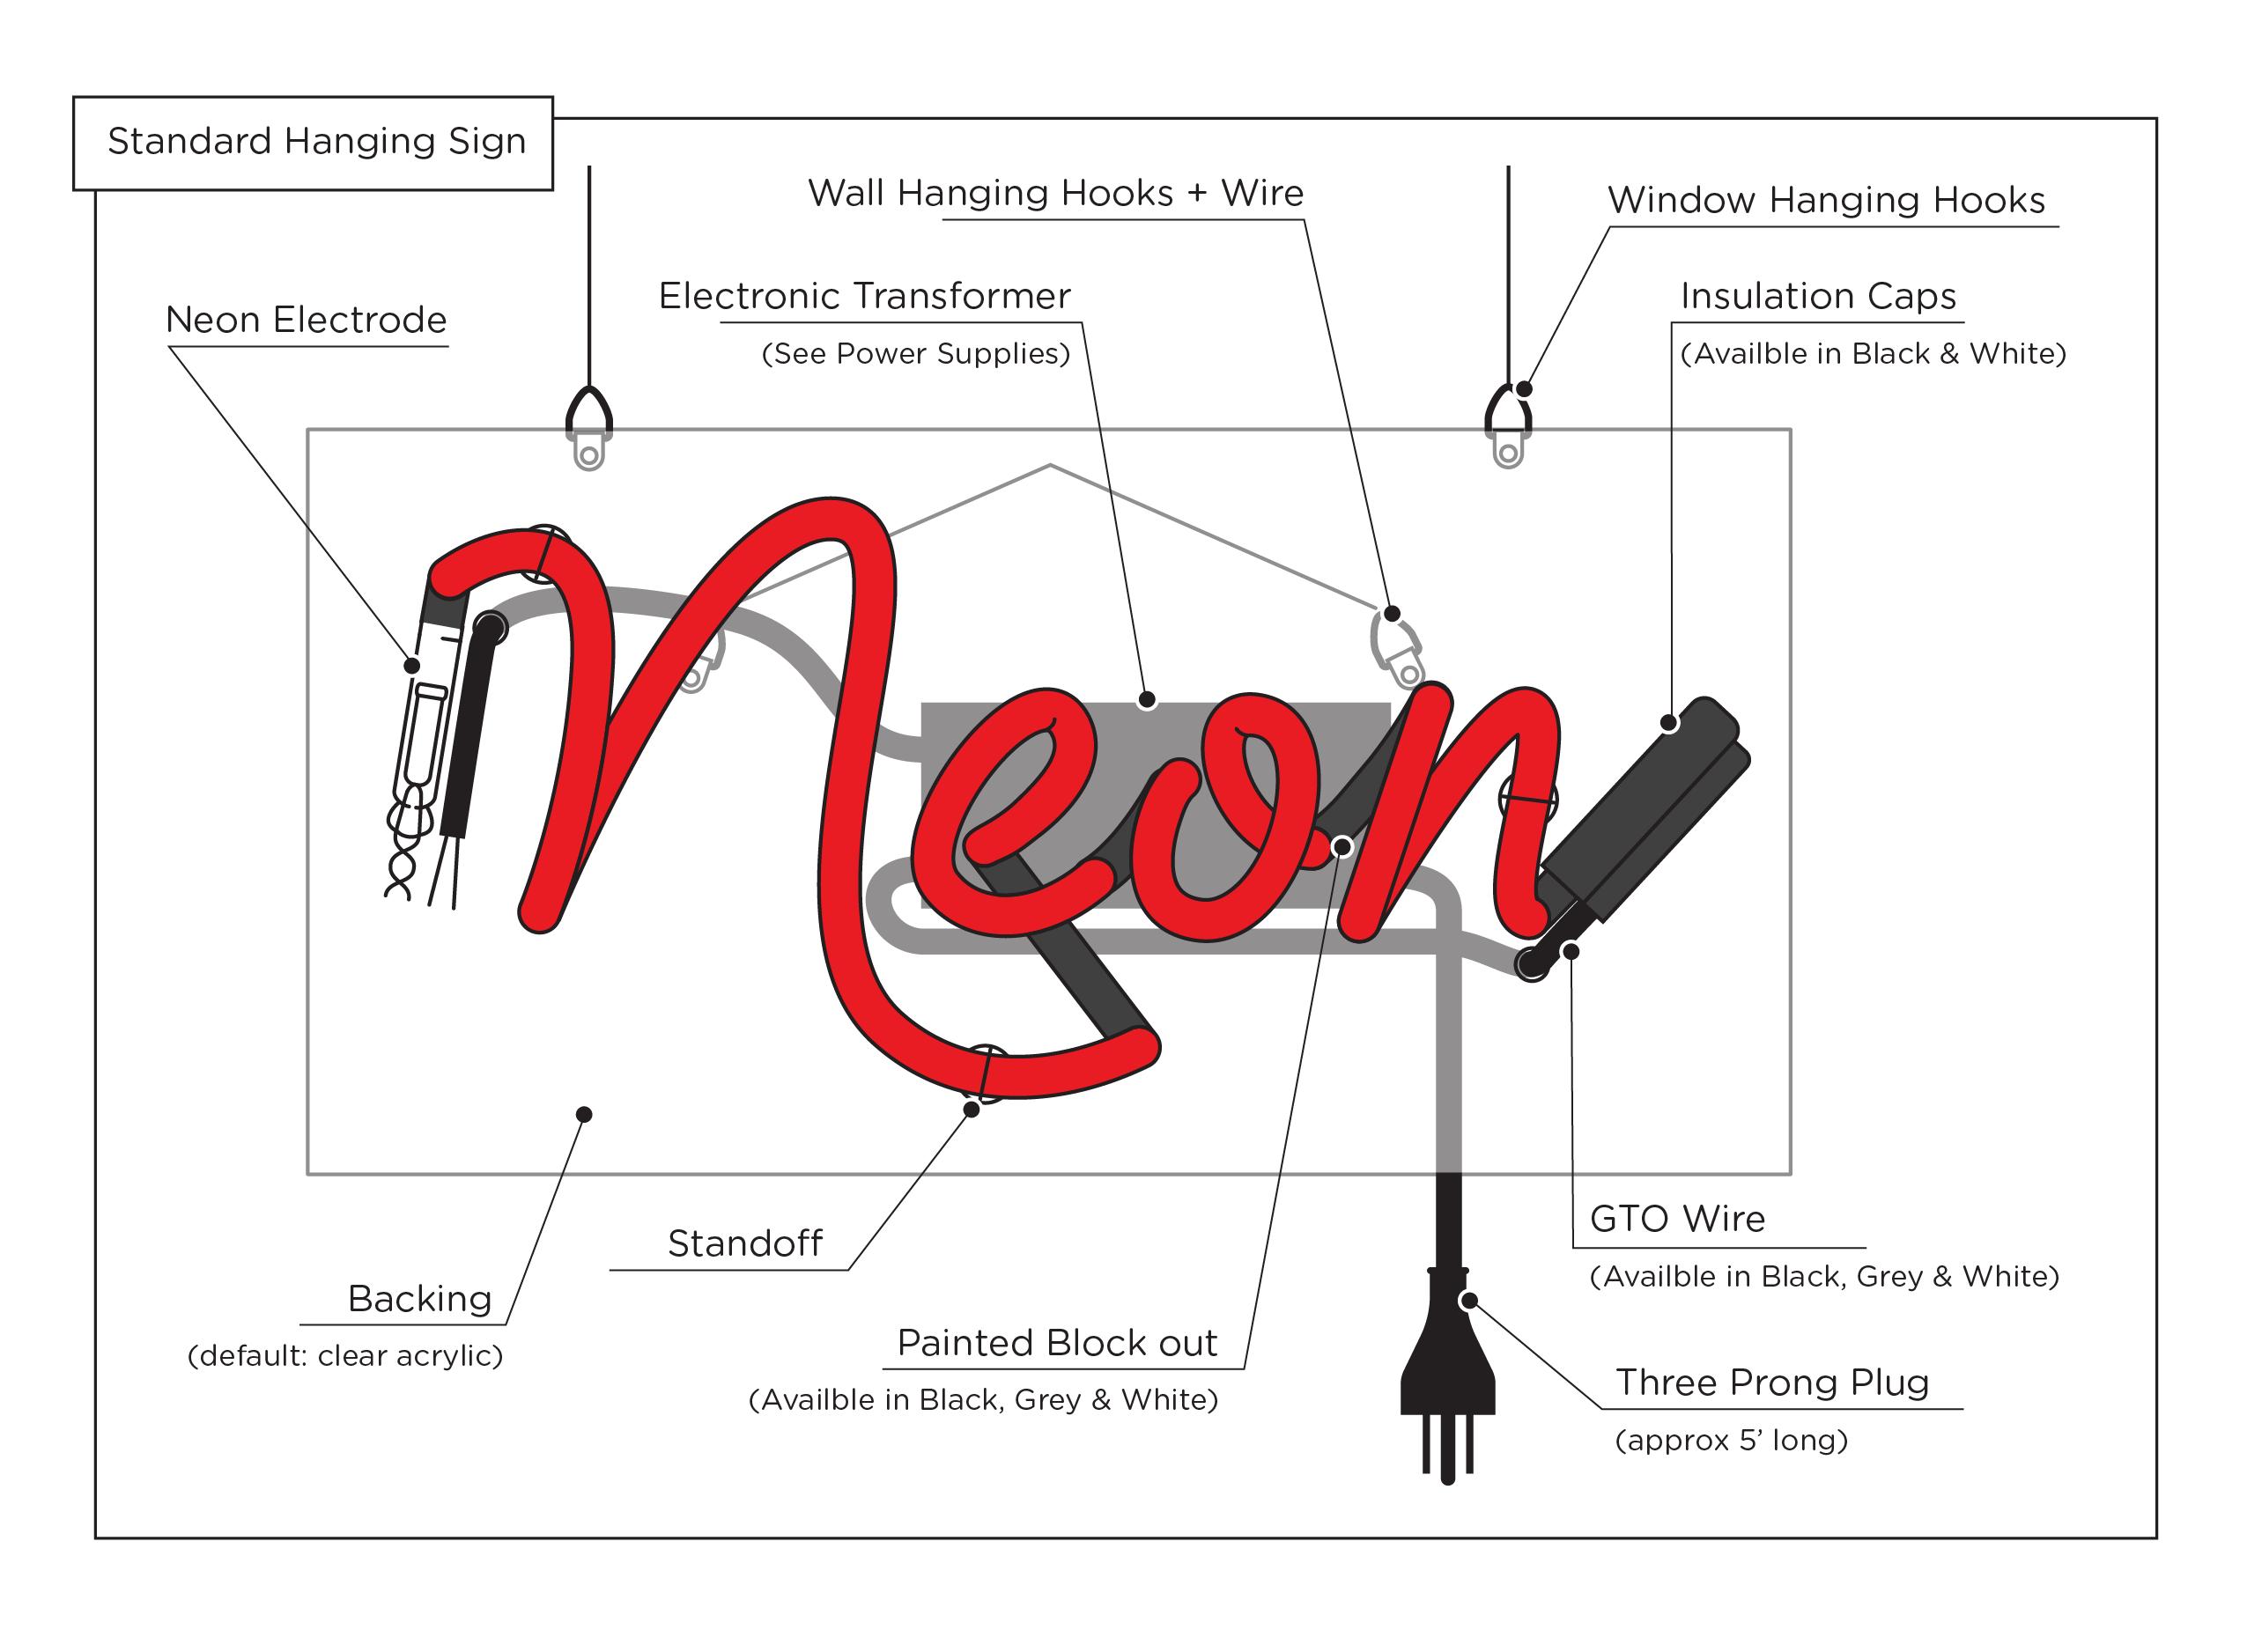 neon anatomy diagram 2